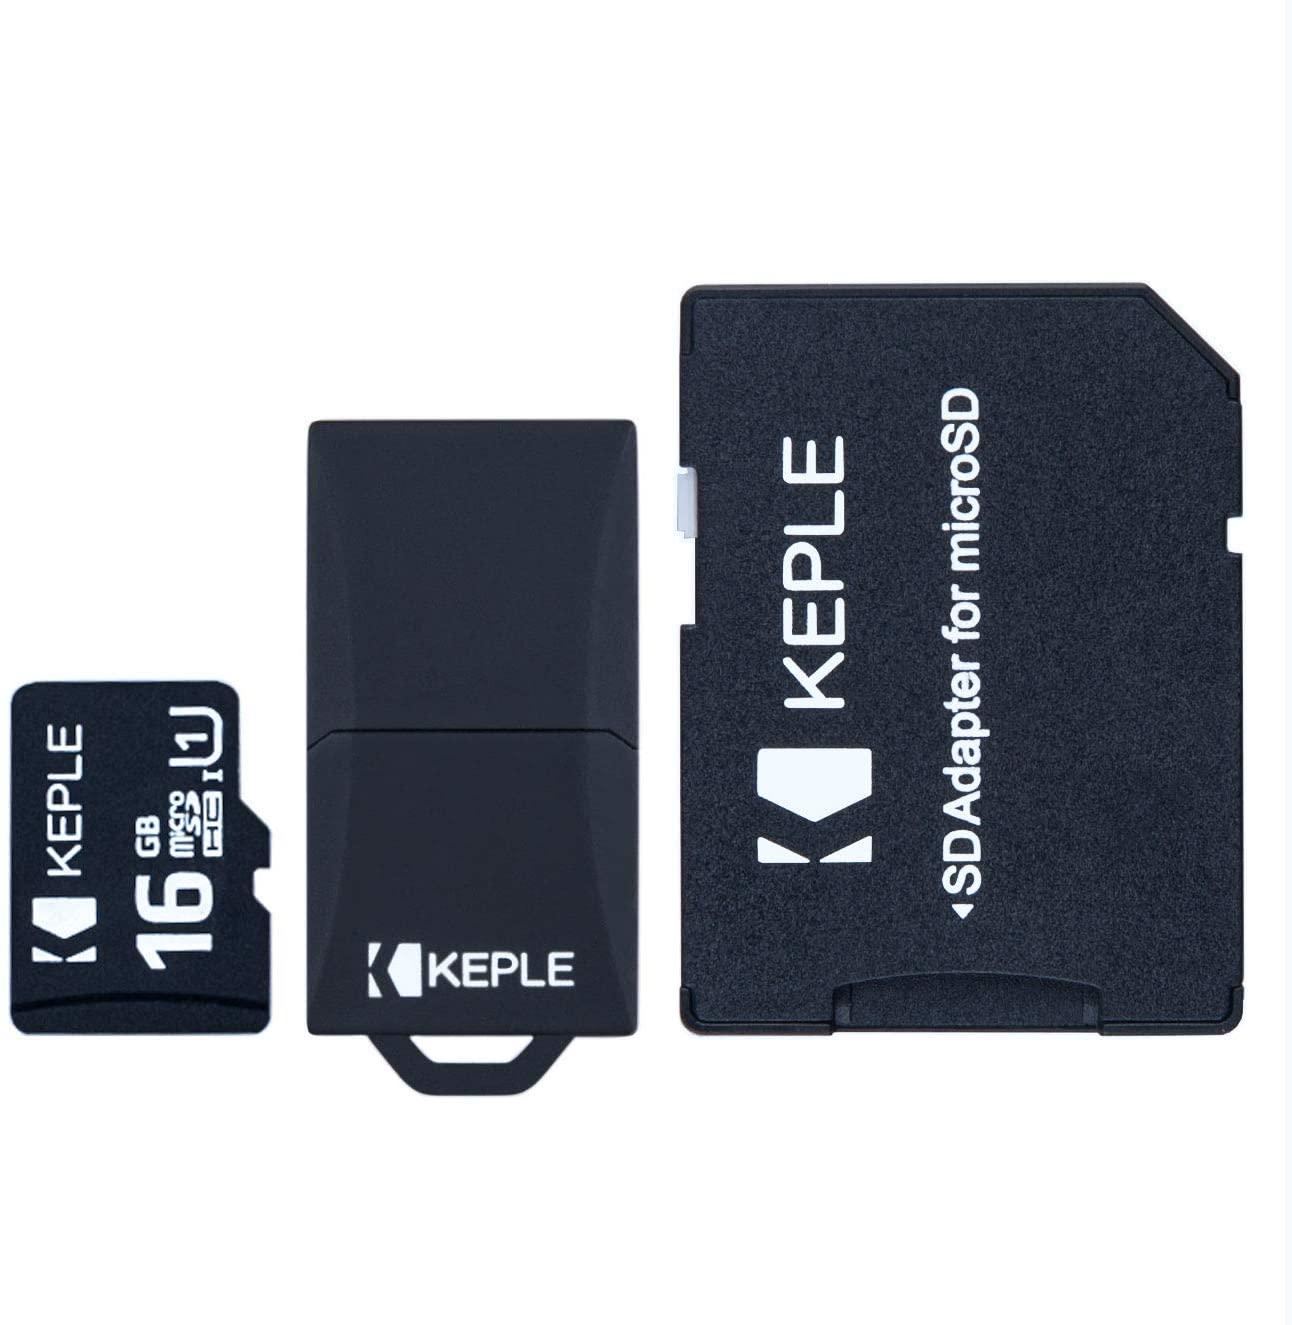 32GB microSD Memory Card | Micro SD Class 10 Compatible with Xiaomi Mi A1 / Mi Mix 2 / Redmi Note 3/4 / 5, Redmi 6 Pro, 5A Mobile Phone | 32 GB